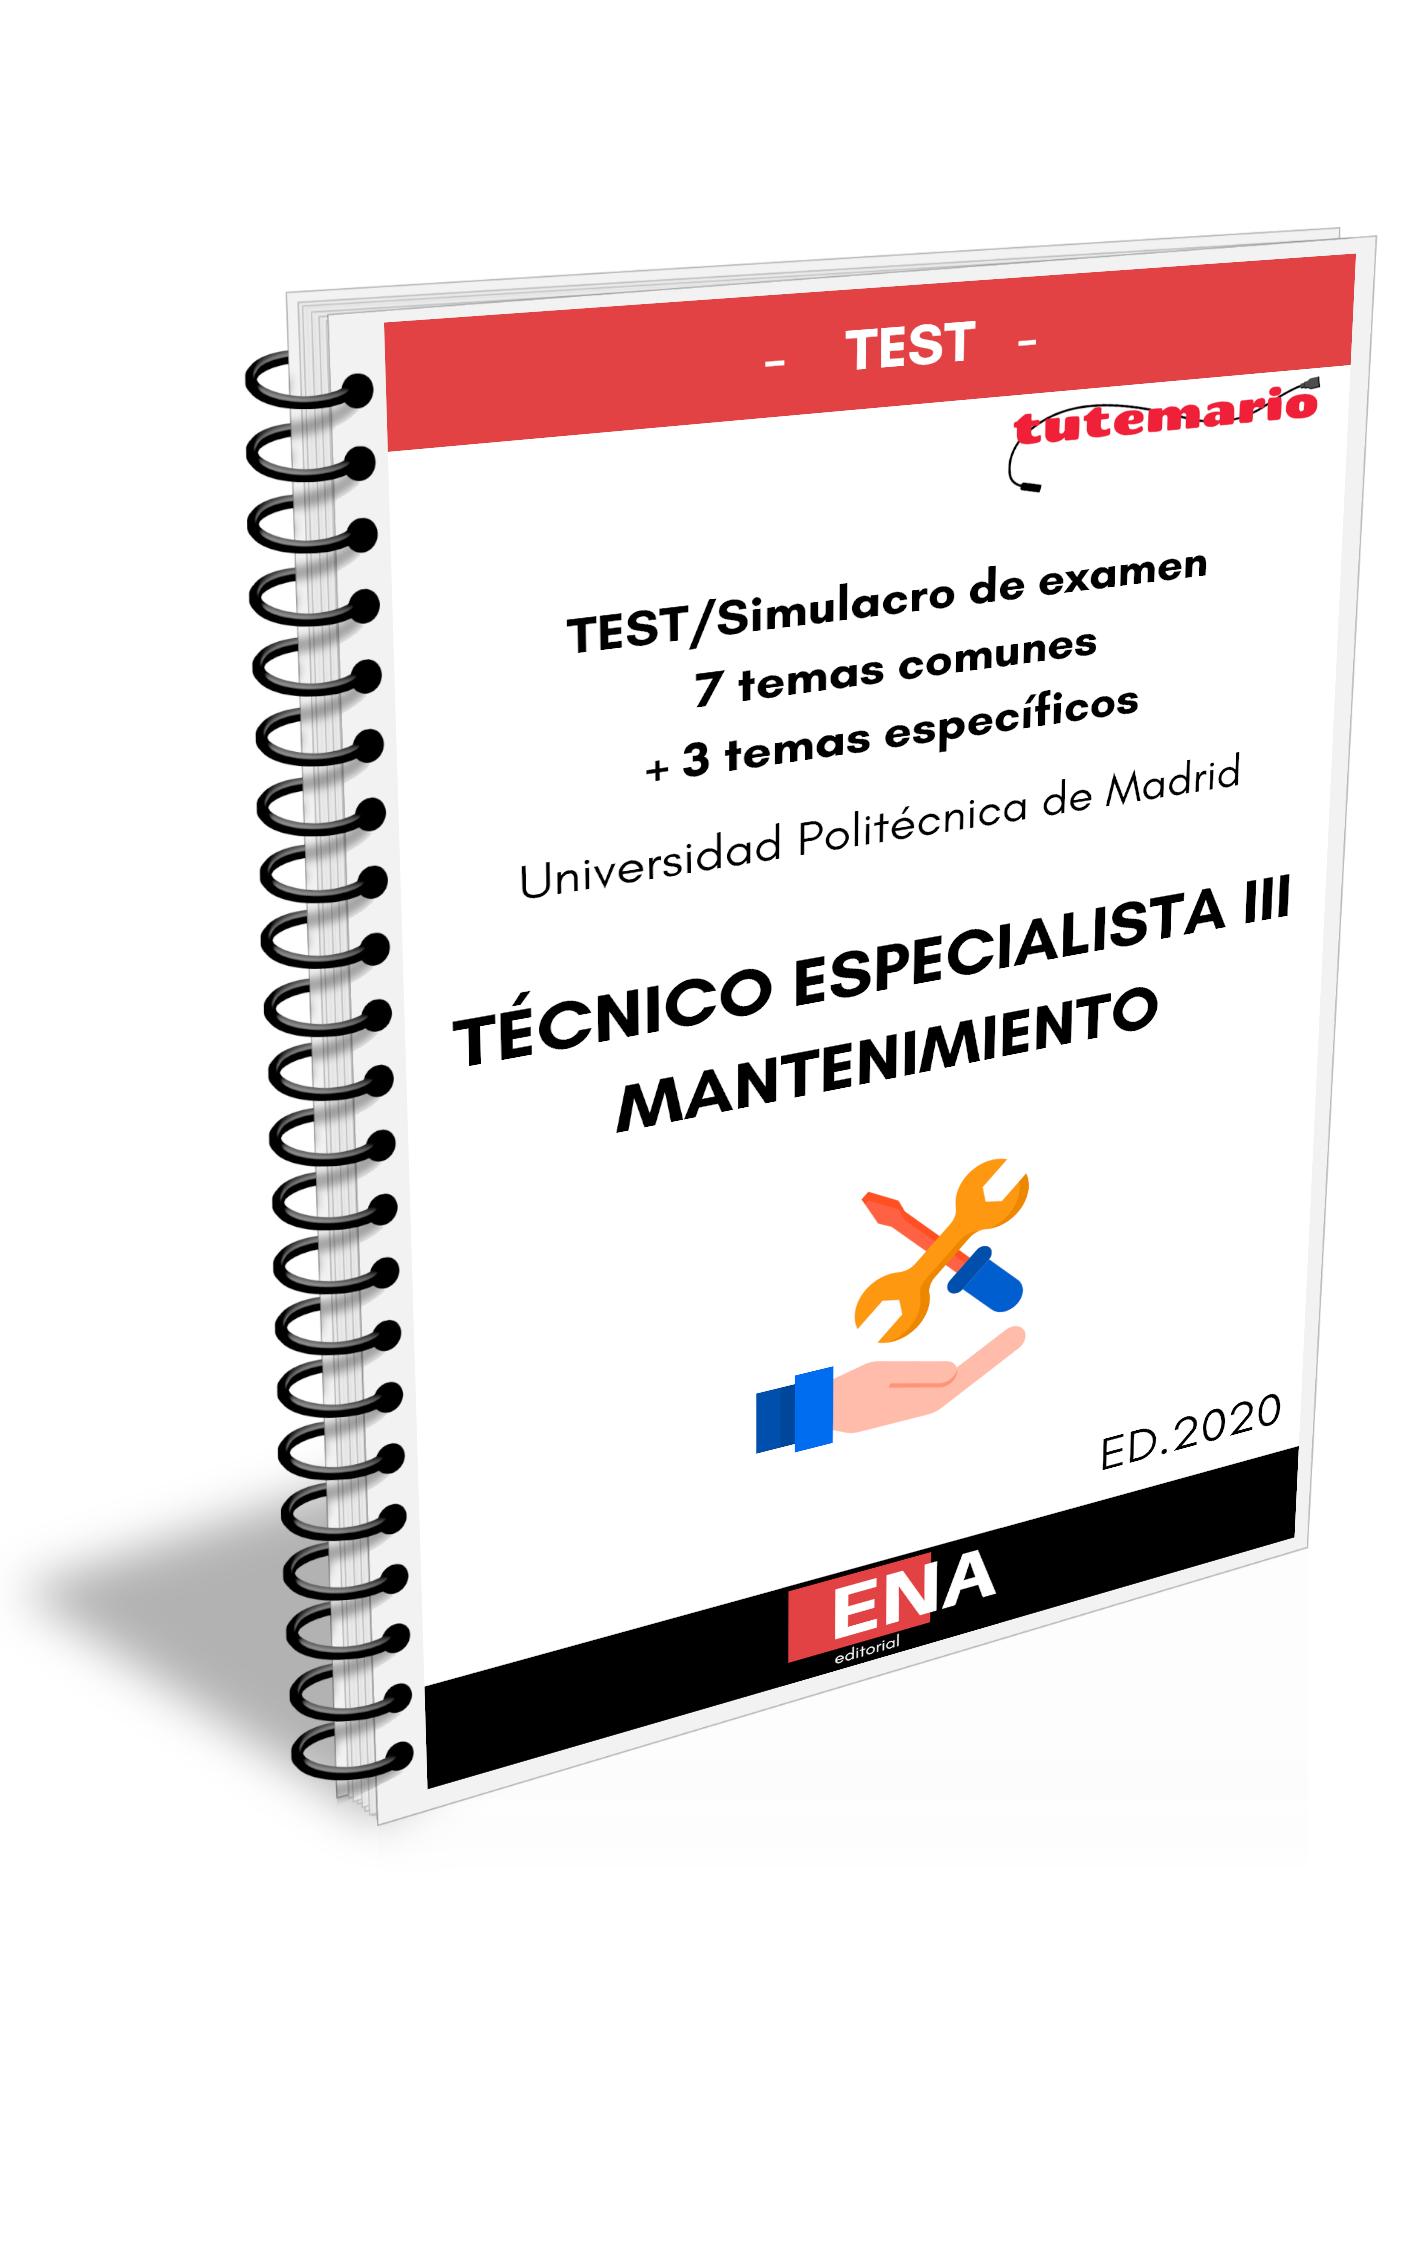 Test Simulacro De Examen Oposiciones Personal De Mantenimiento Universidad Politécnica De Madrid Formato Encuadernado Tutemario